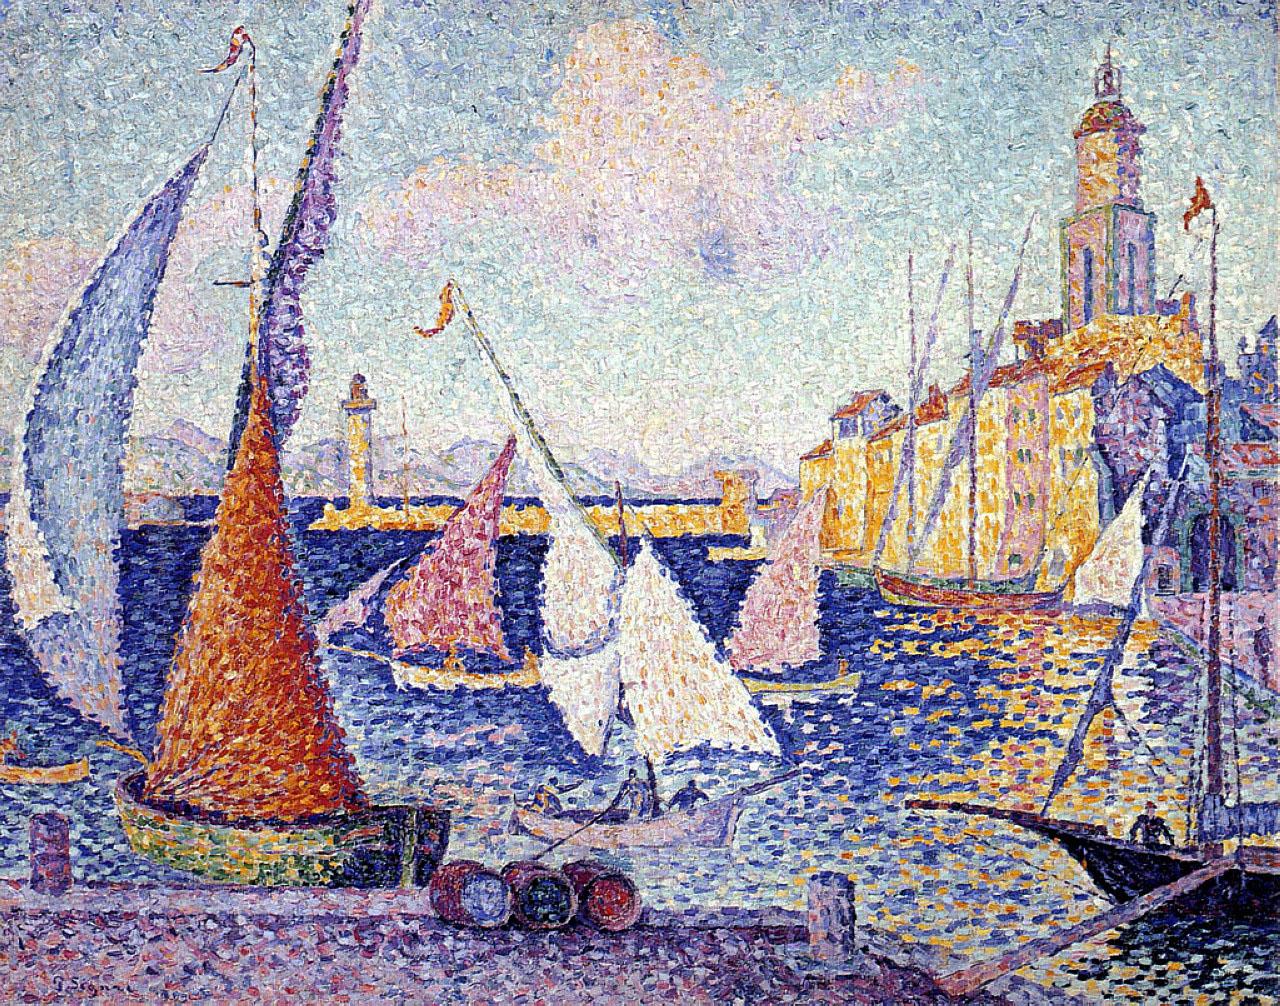 художник Поль Синьяк Paul Signac картина Quay Сен Тропе пейзажи природы Альберт Сафиуллин